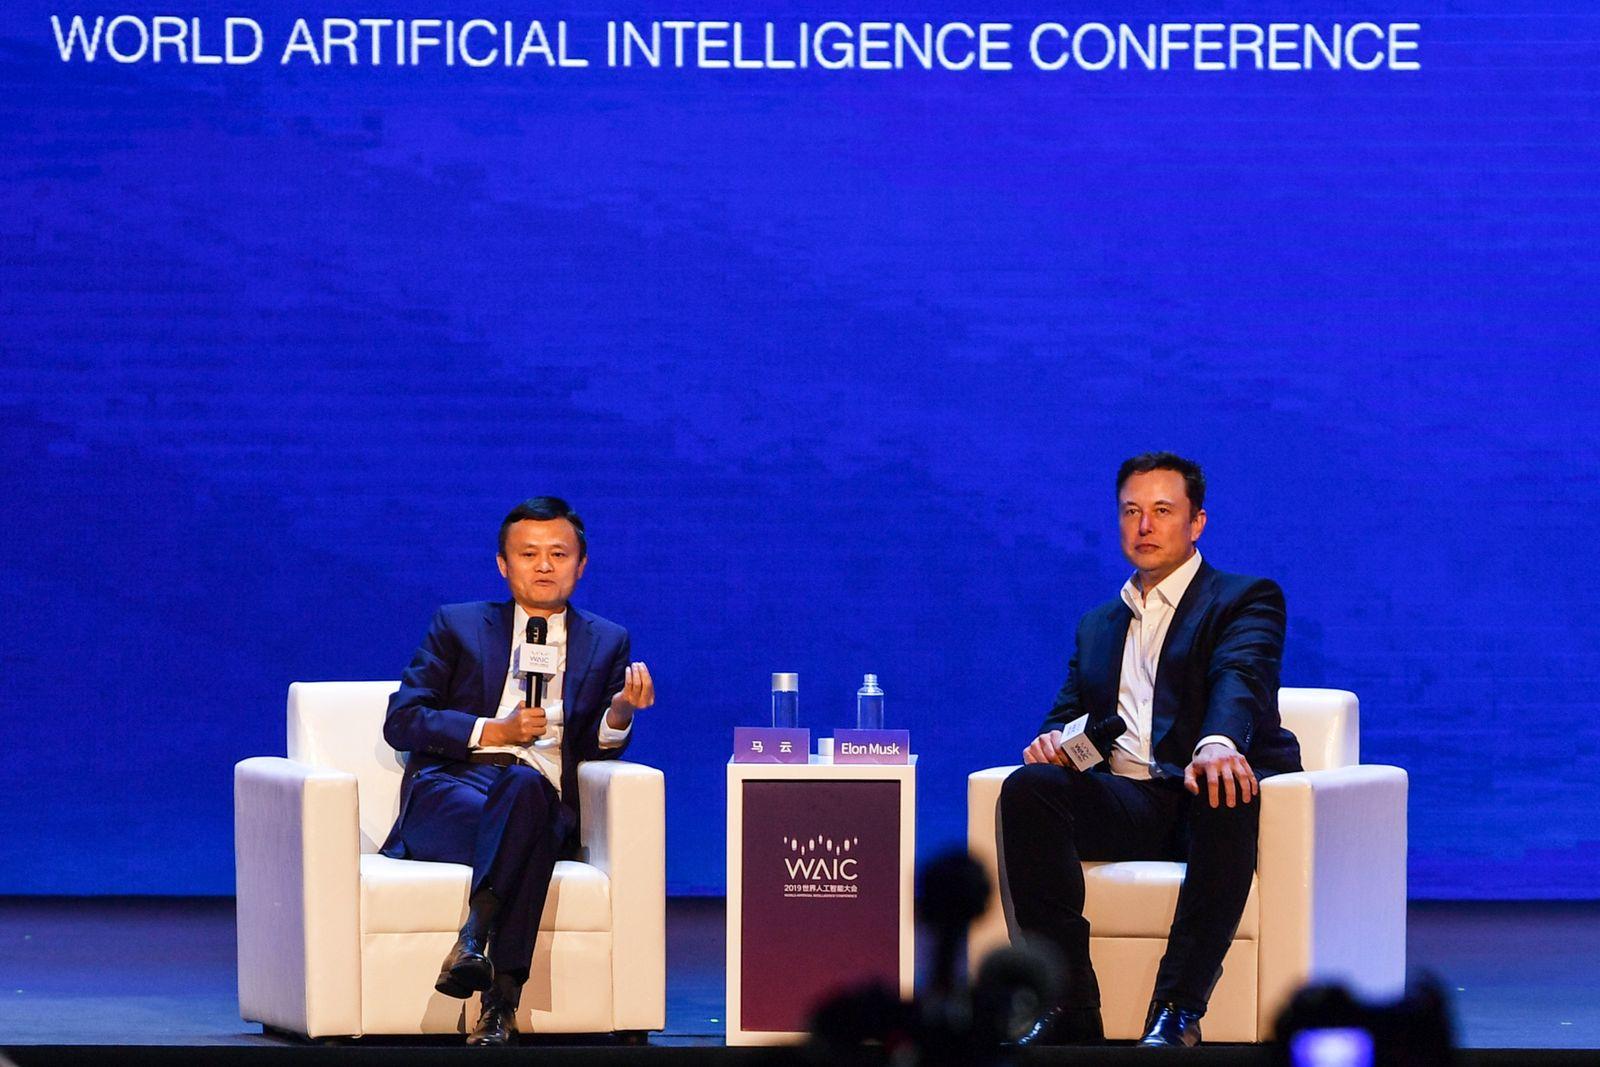 Jack Ma / Elon Musk